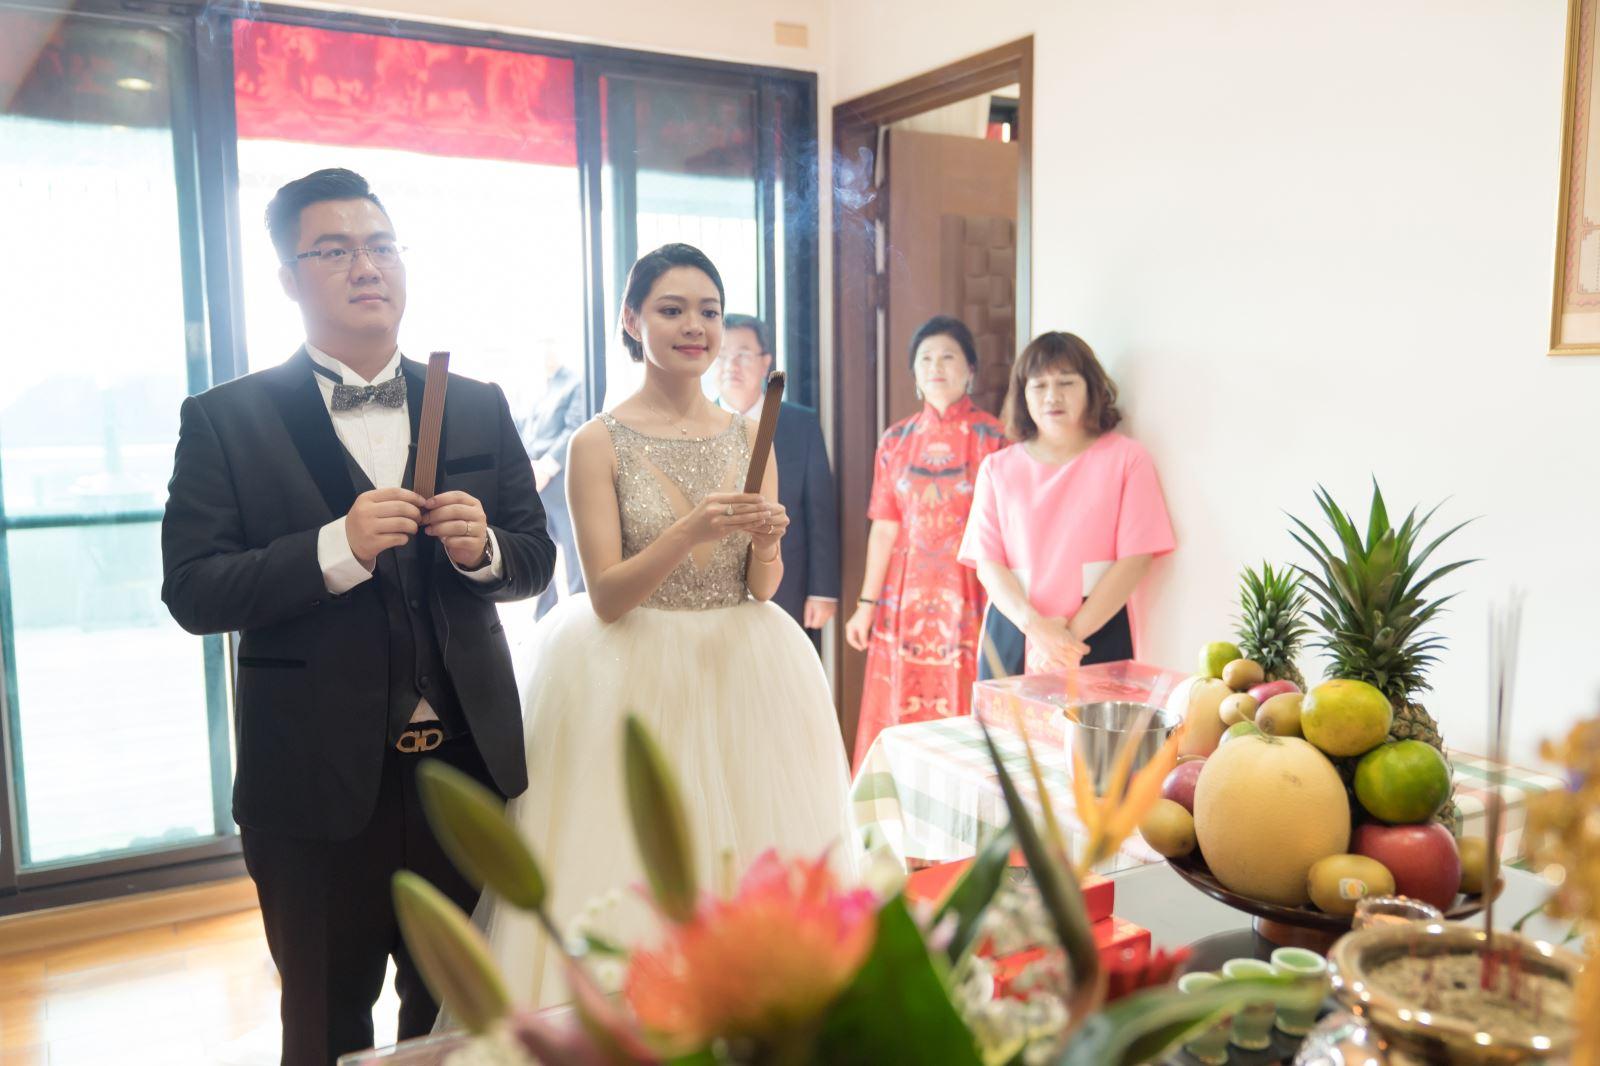 新郎與新娘分別手持排香祭祖,家中新成員的加入